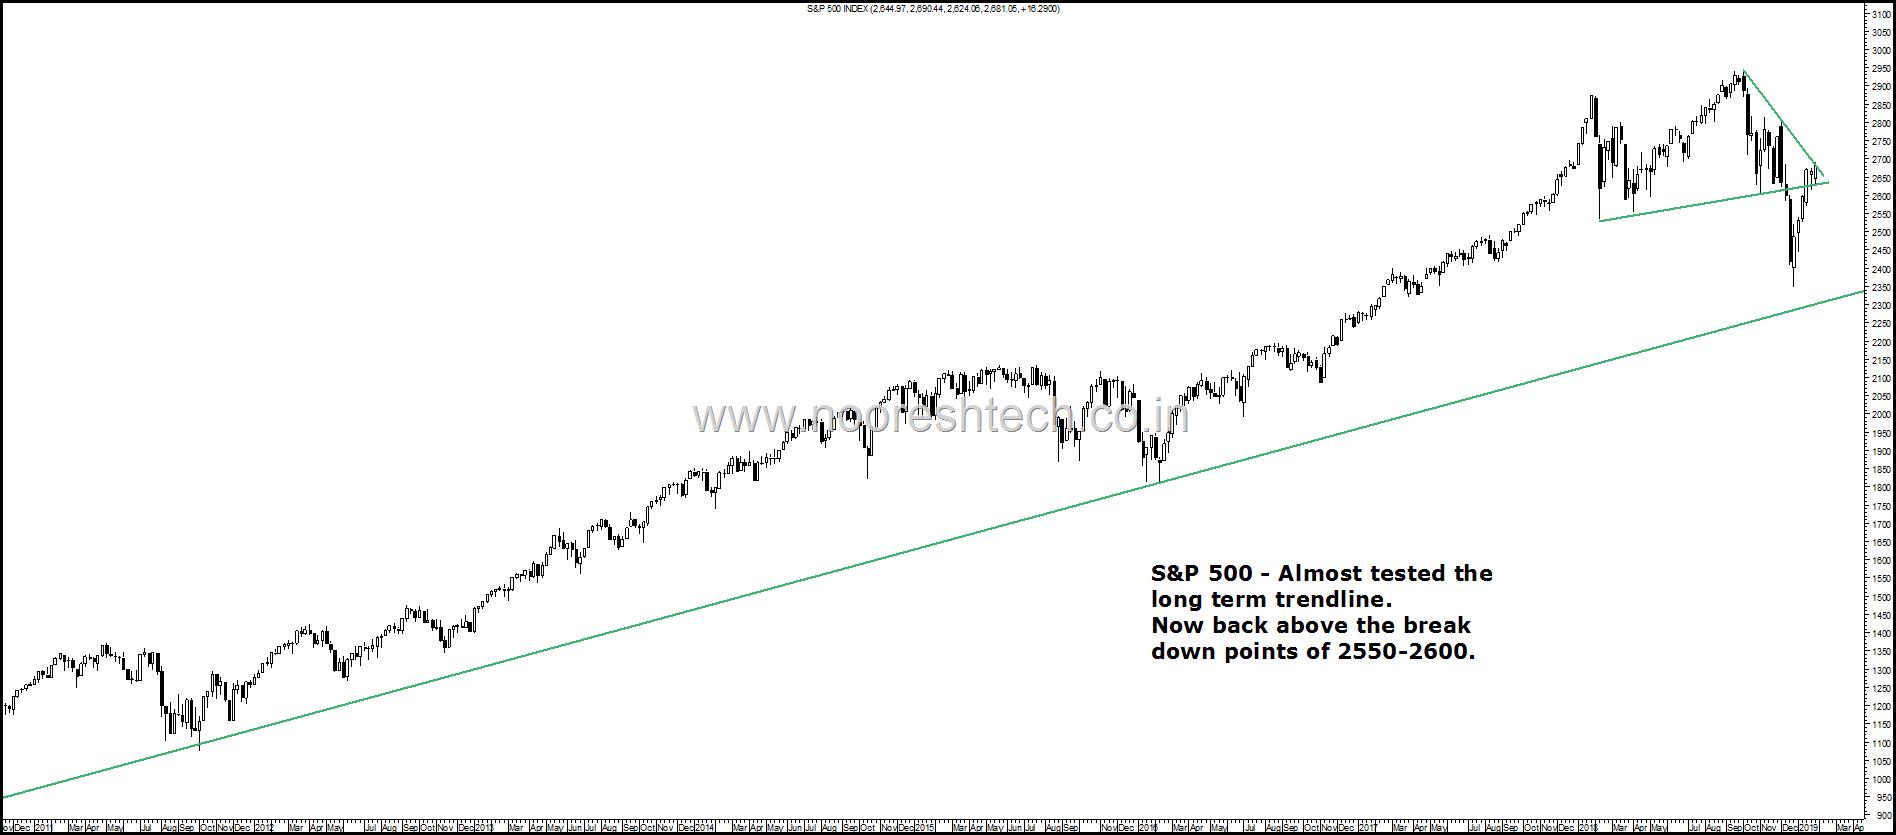 S&P 500 Whip